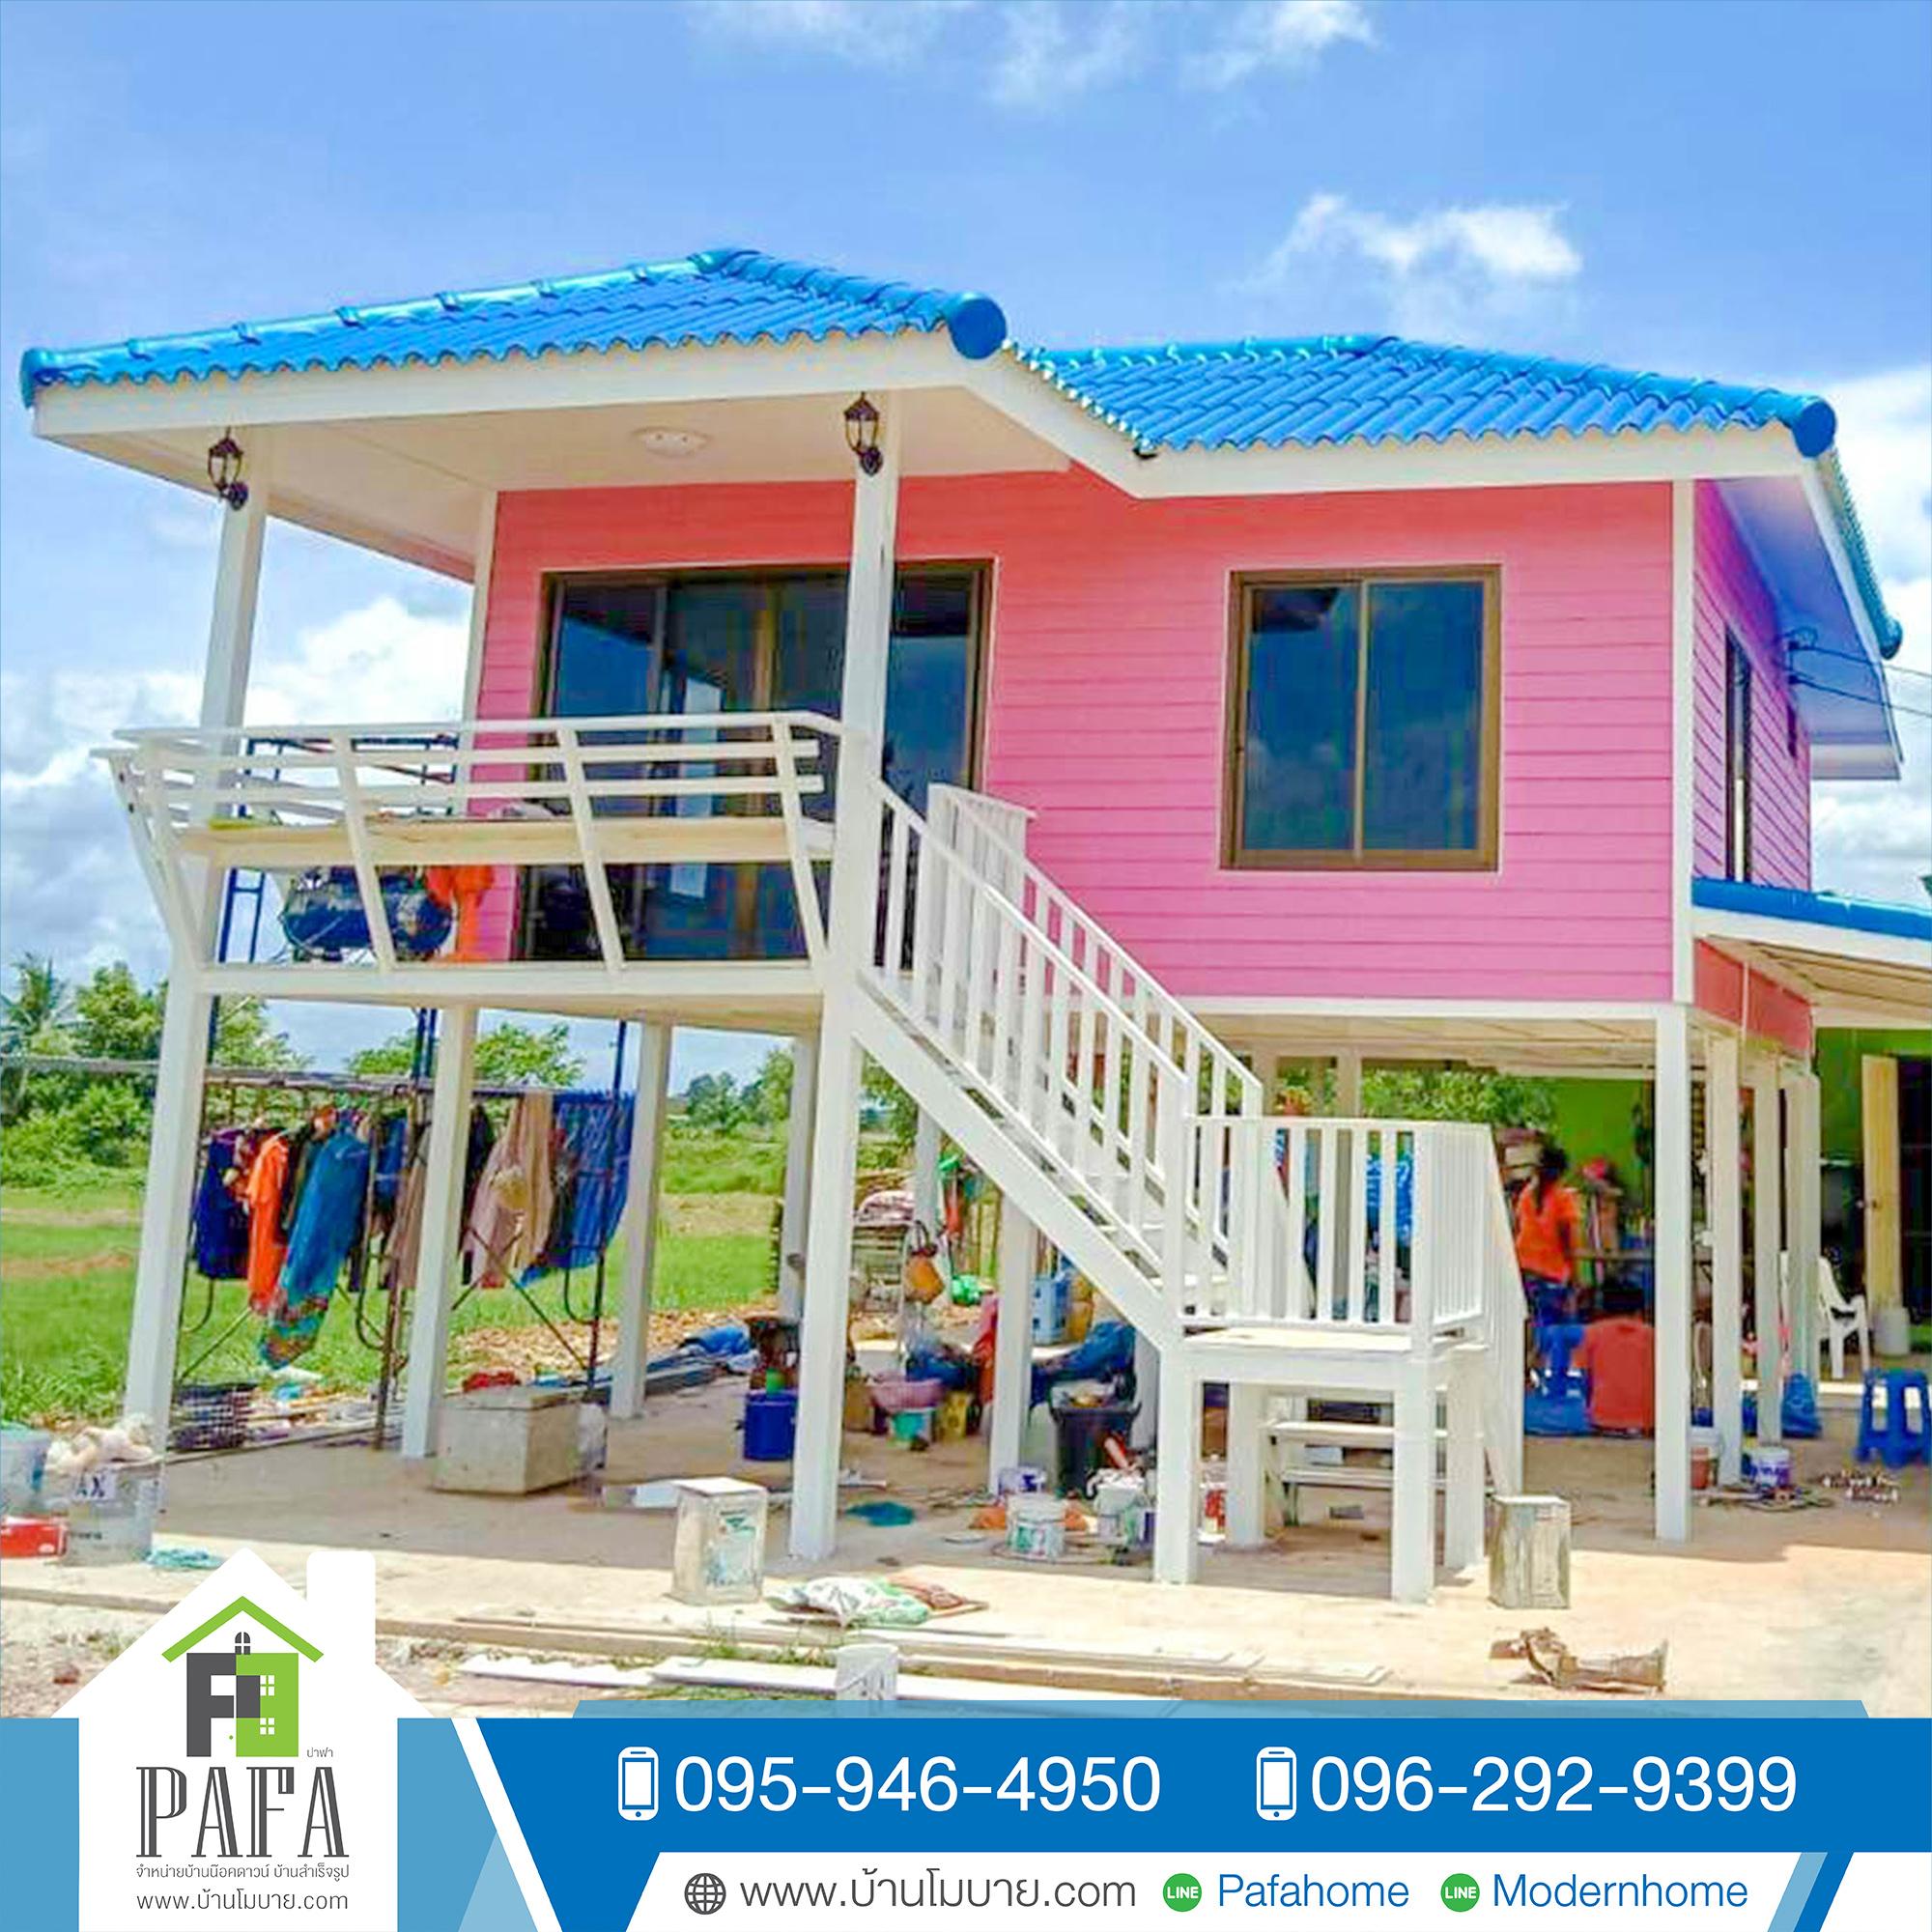 บ้านขนาด 8*6 เมตร ระเบียง 2*3 เมตร (1ห้องนอน 1ห้องน้ำ 2 ห้องโถง ยกสูง 2 เมตร)